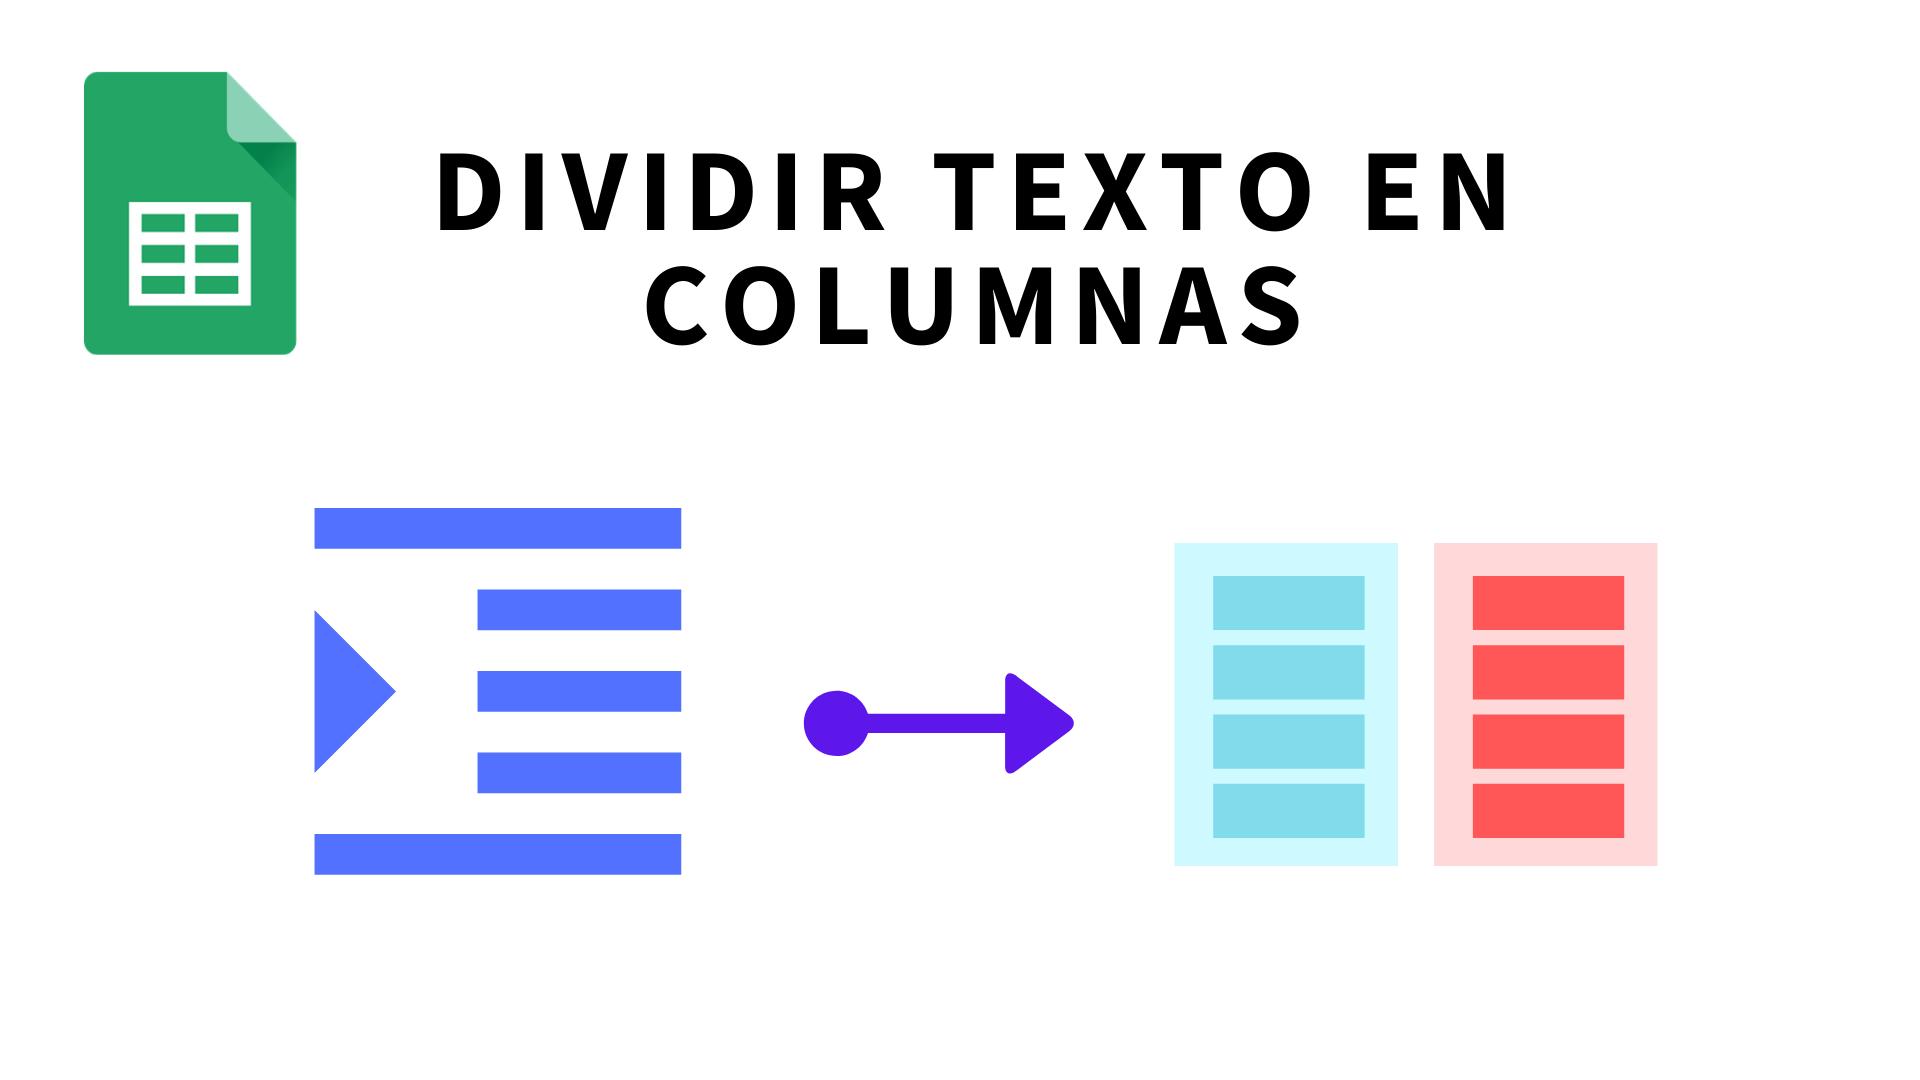 Cómo dividir texto en columnas en Google Sheets (Hojas de cálculo de Google)